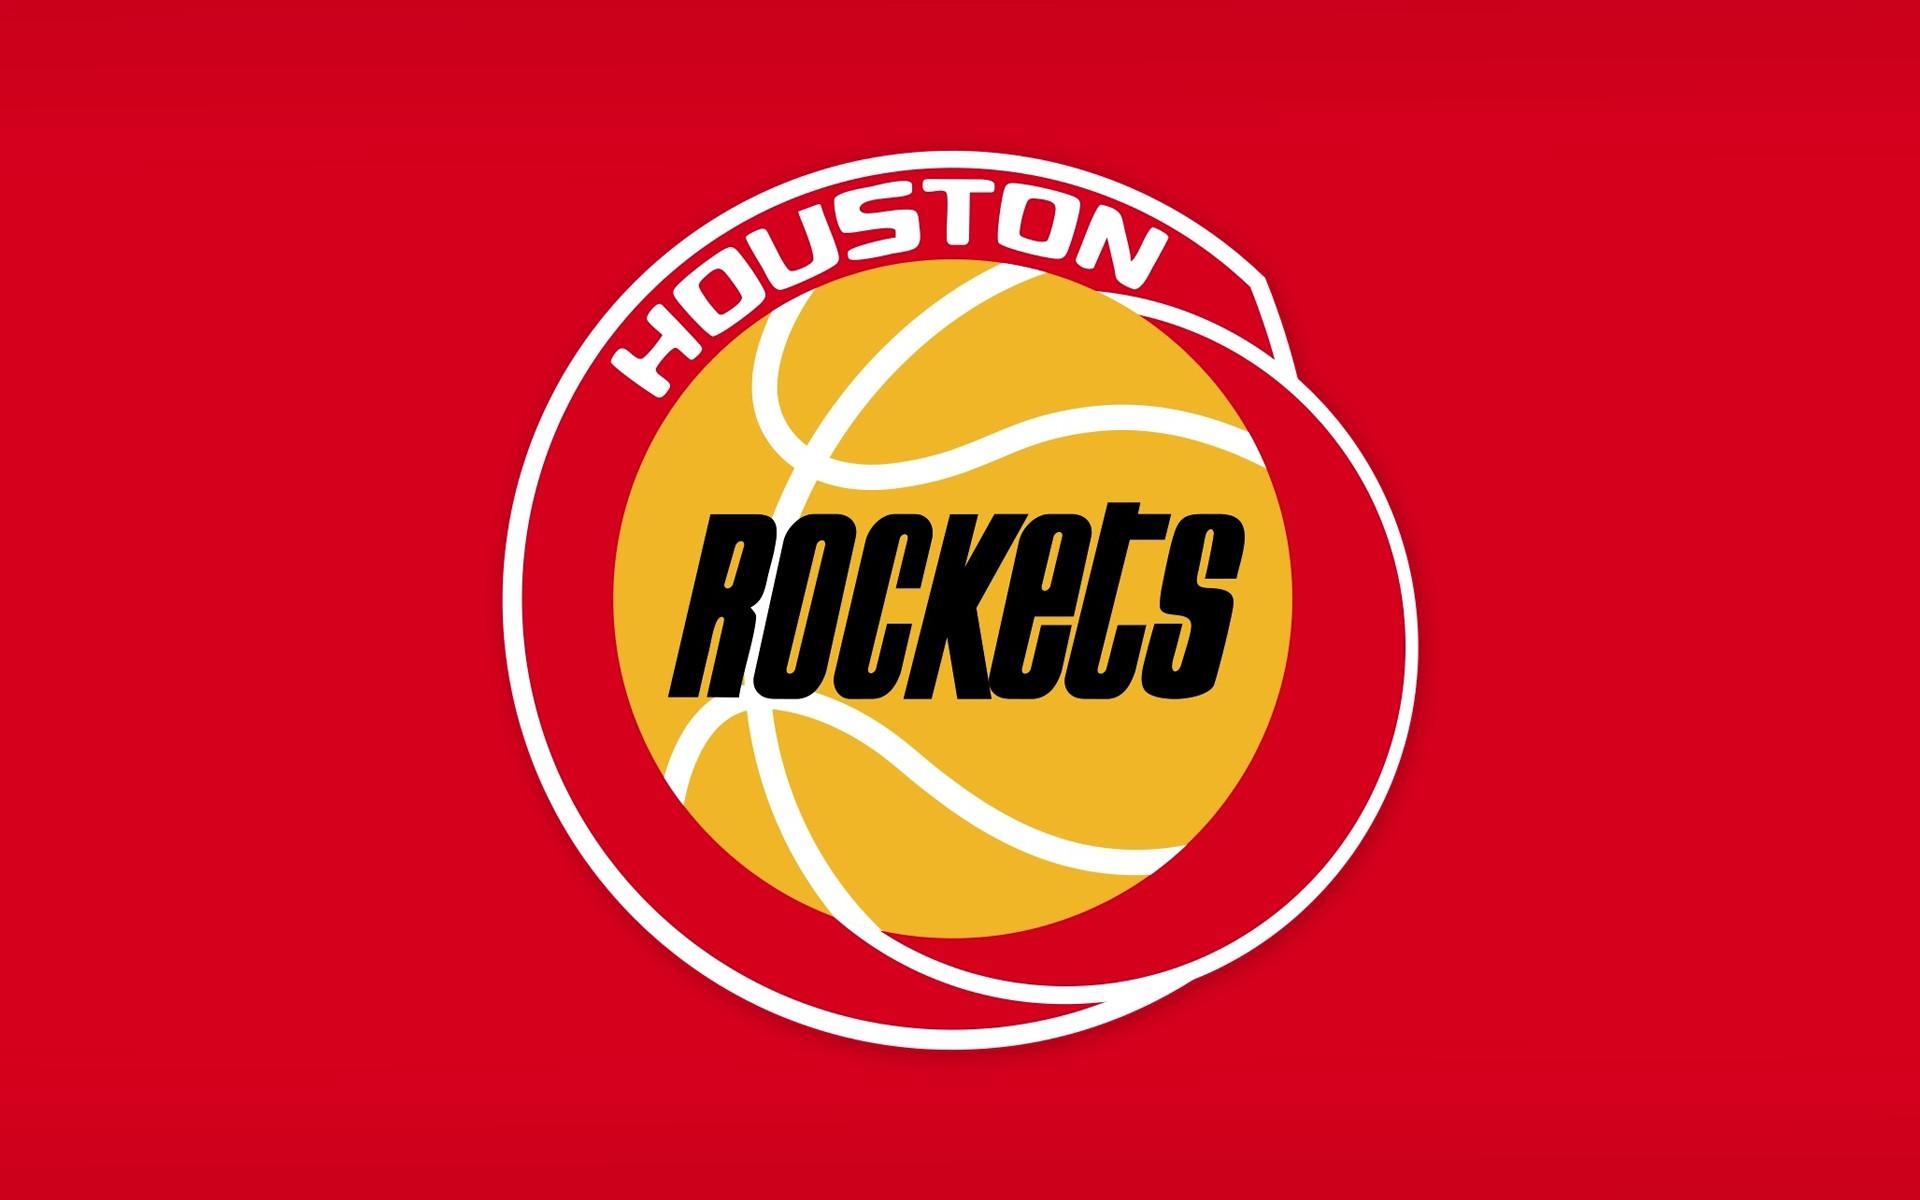 Houston Rockets hd wallpaper 346172